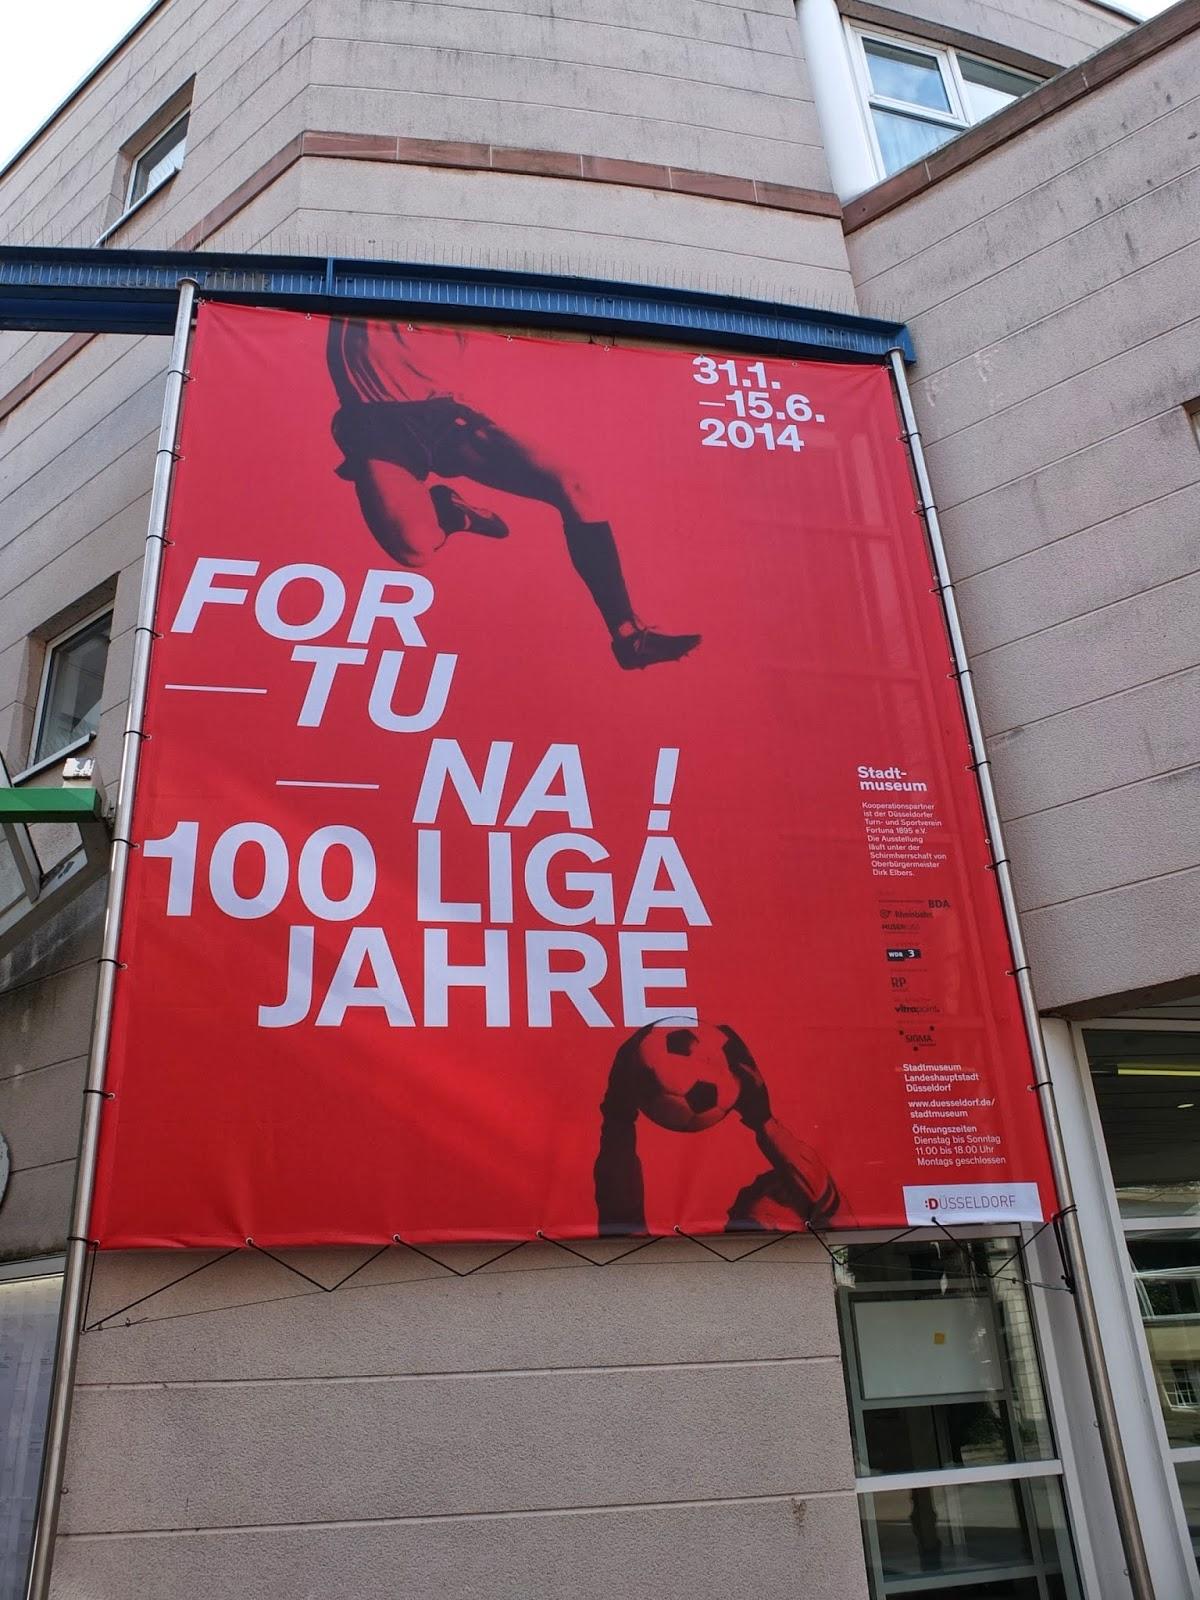 """Werbebanner für die Sonderausstellung """"Fortuna: 100 Ligajahre"""""""